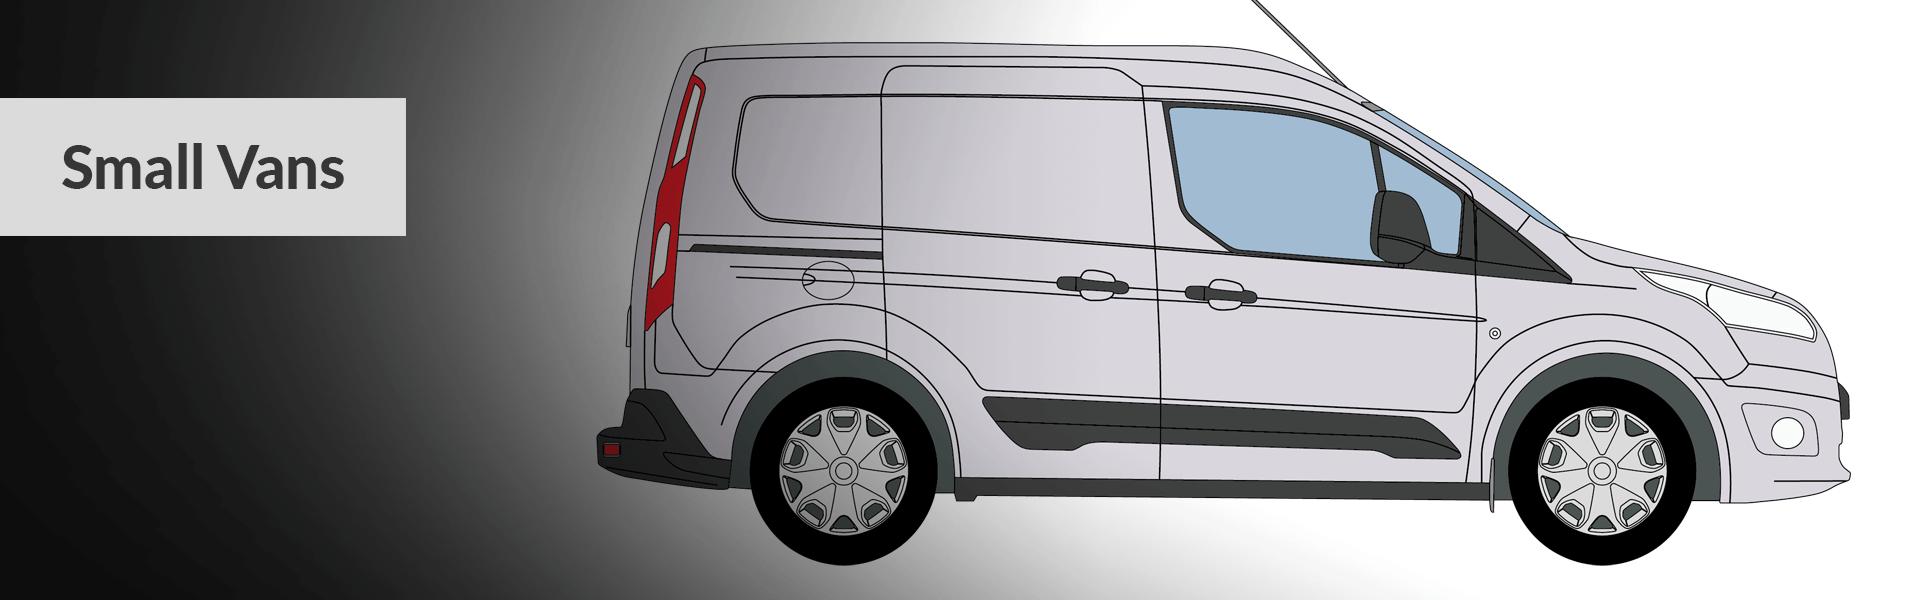 Small Van Desktop